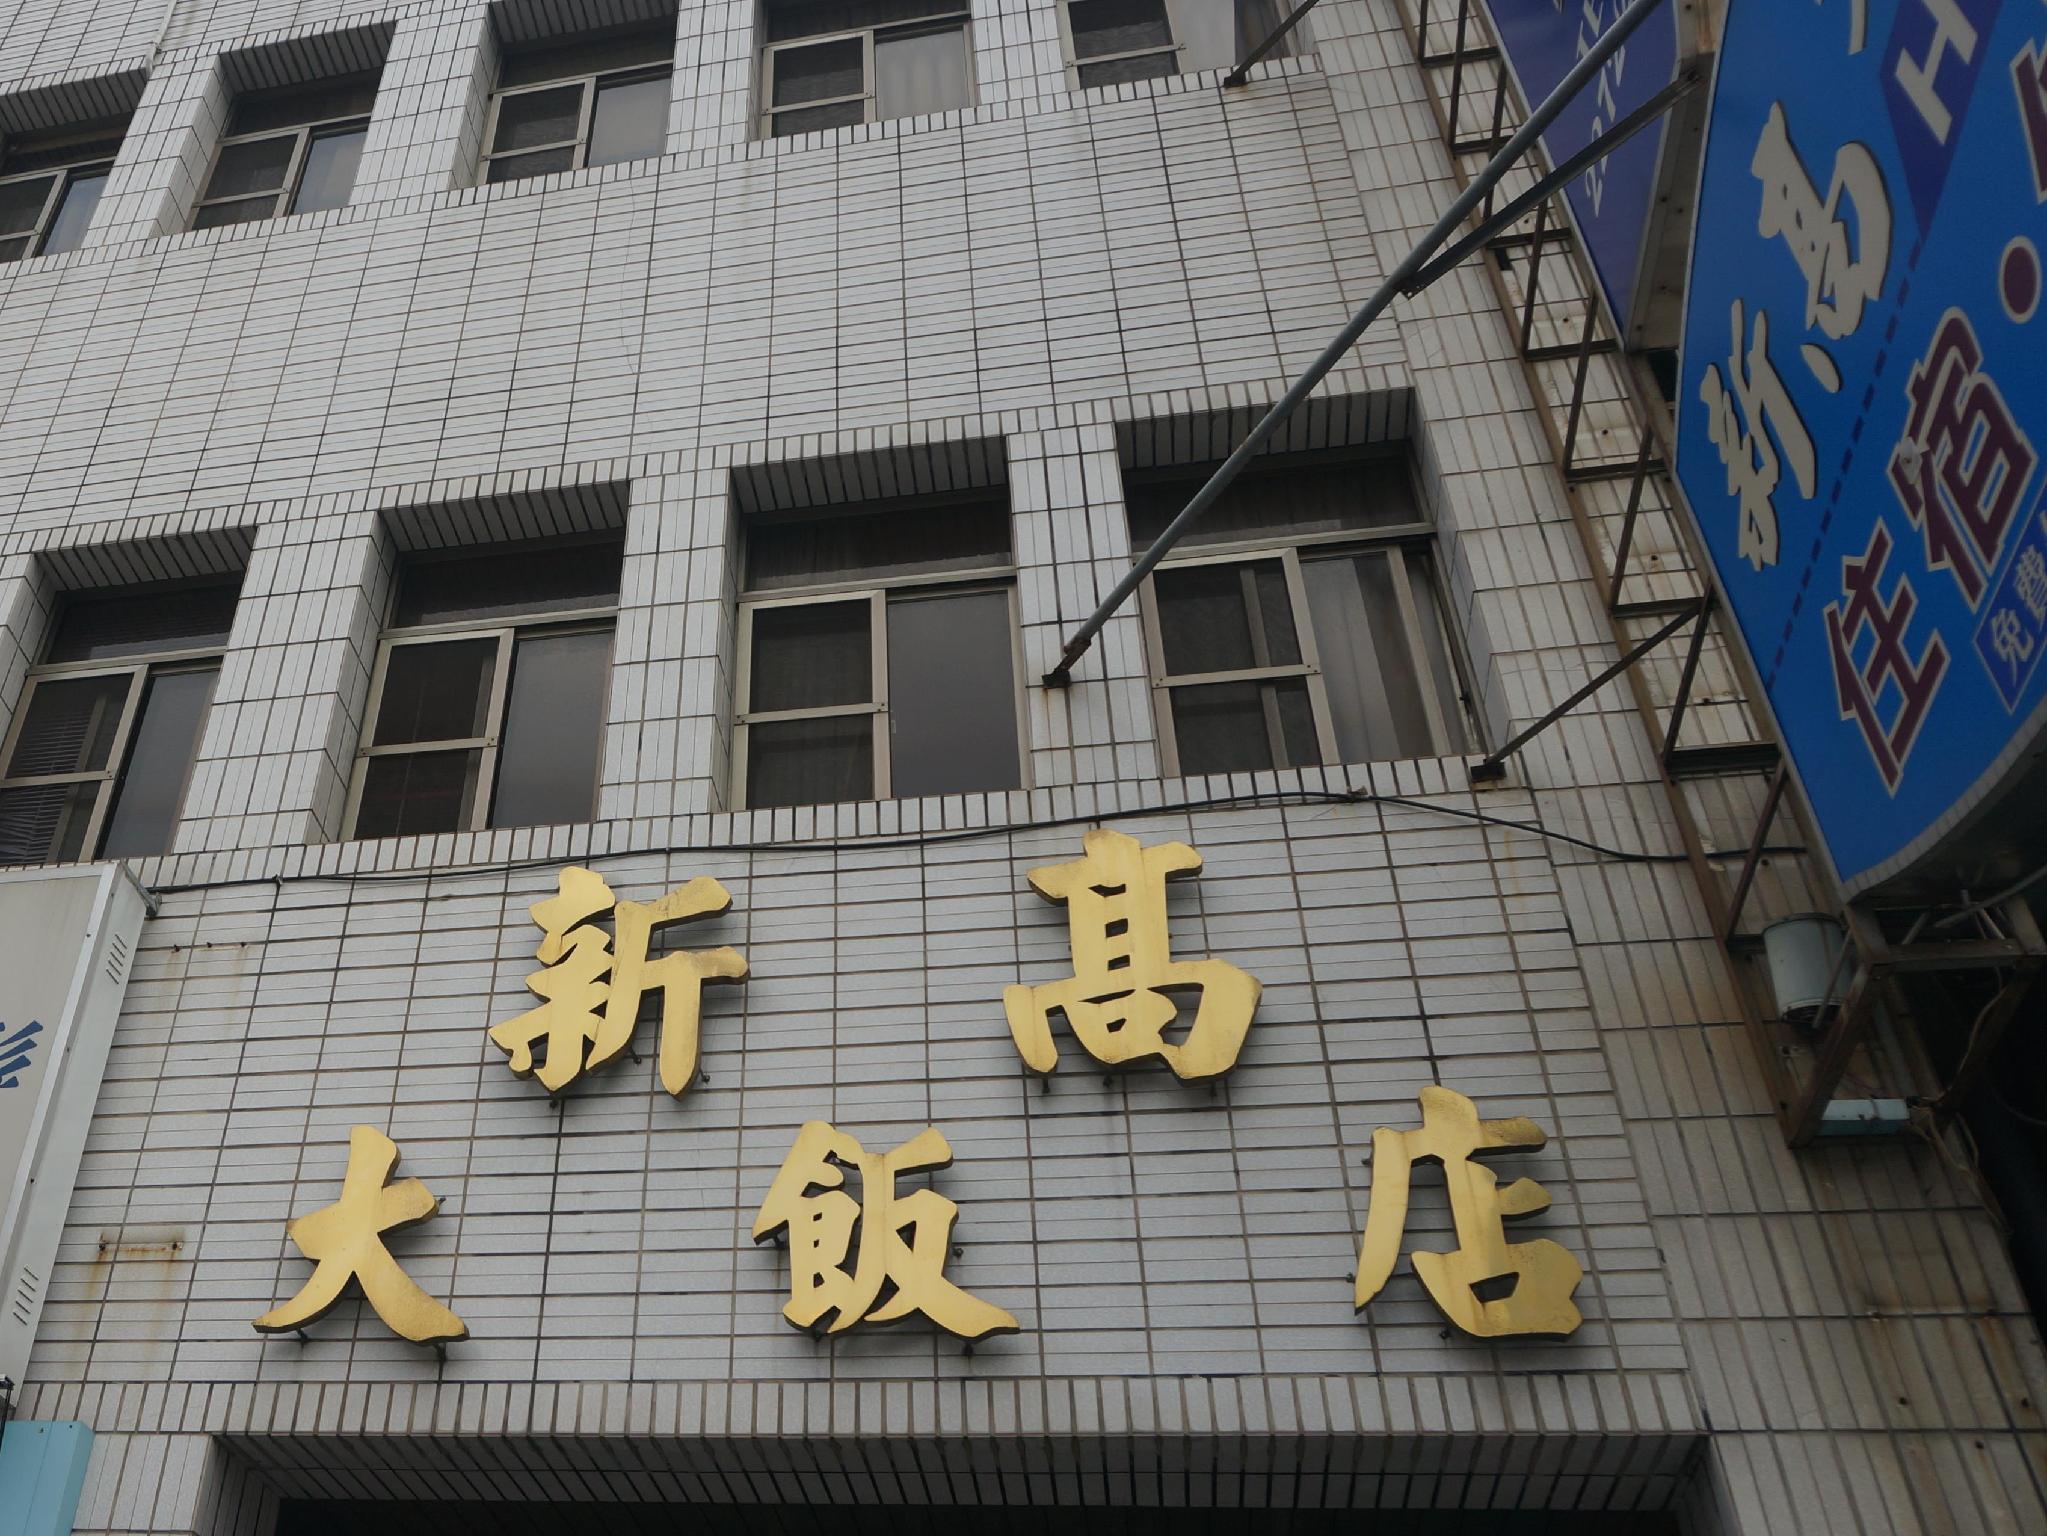 新高大飯店 Shin Kao Hotel